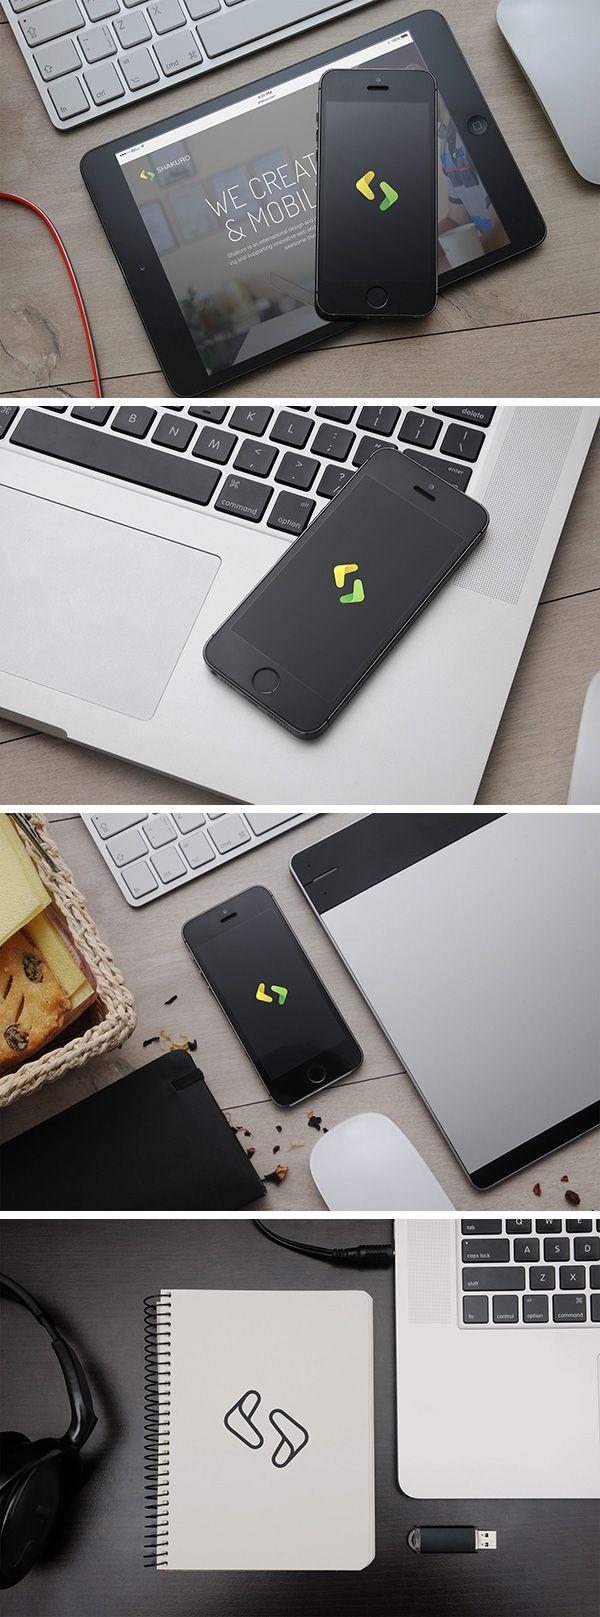 Mockup mobil